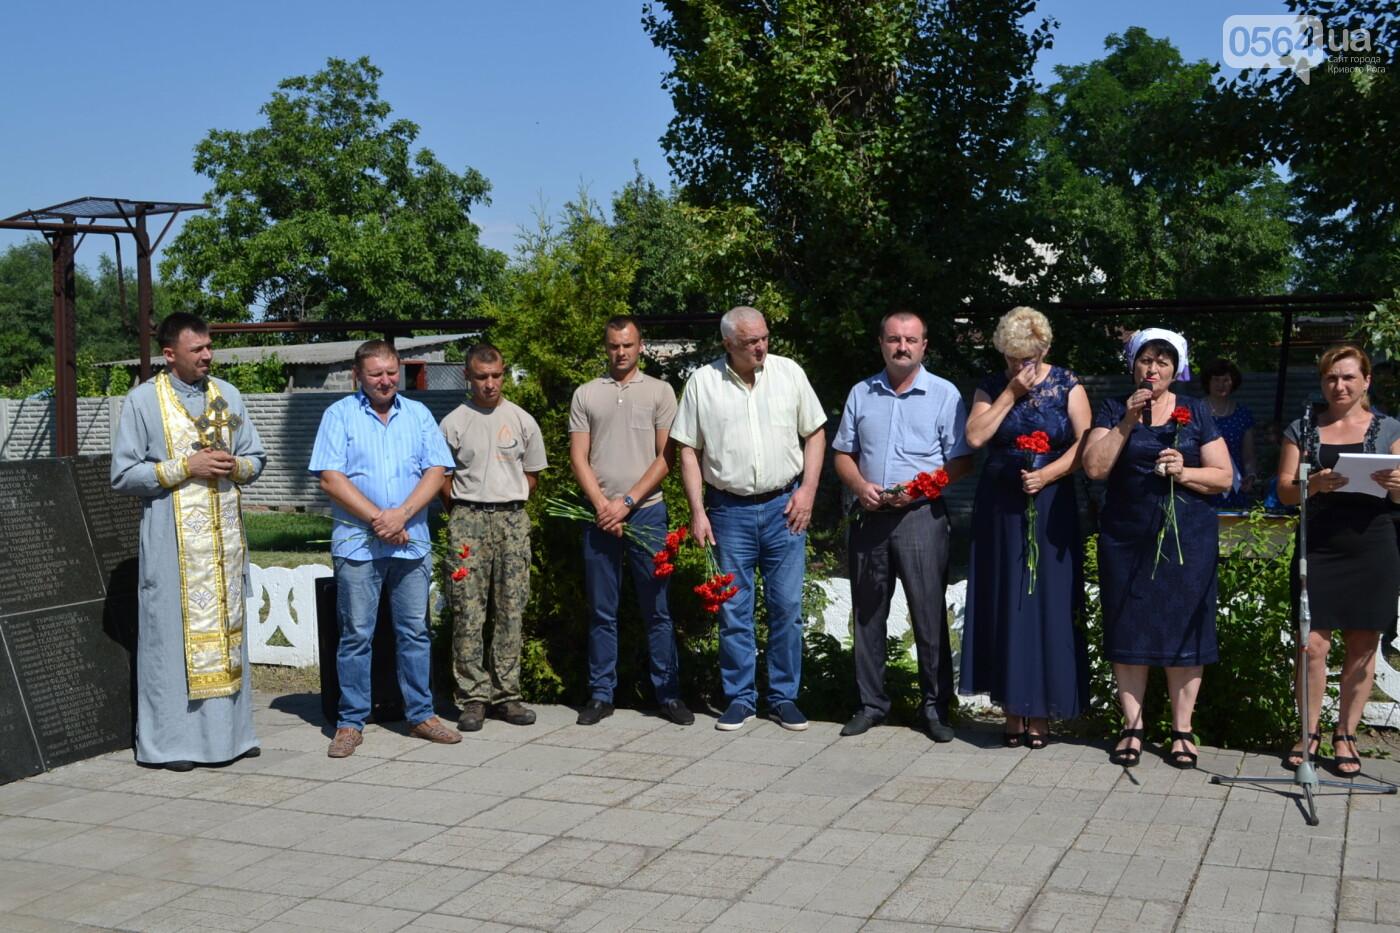 Вечная память! На Криворожье торжественно захоронили останки 43 воинов Второй мировой, - ФОТО, ВИДЕО, фото-20